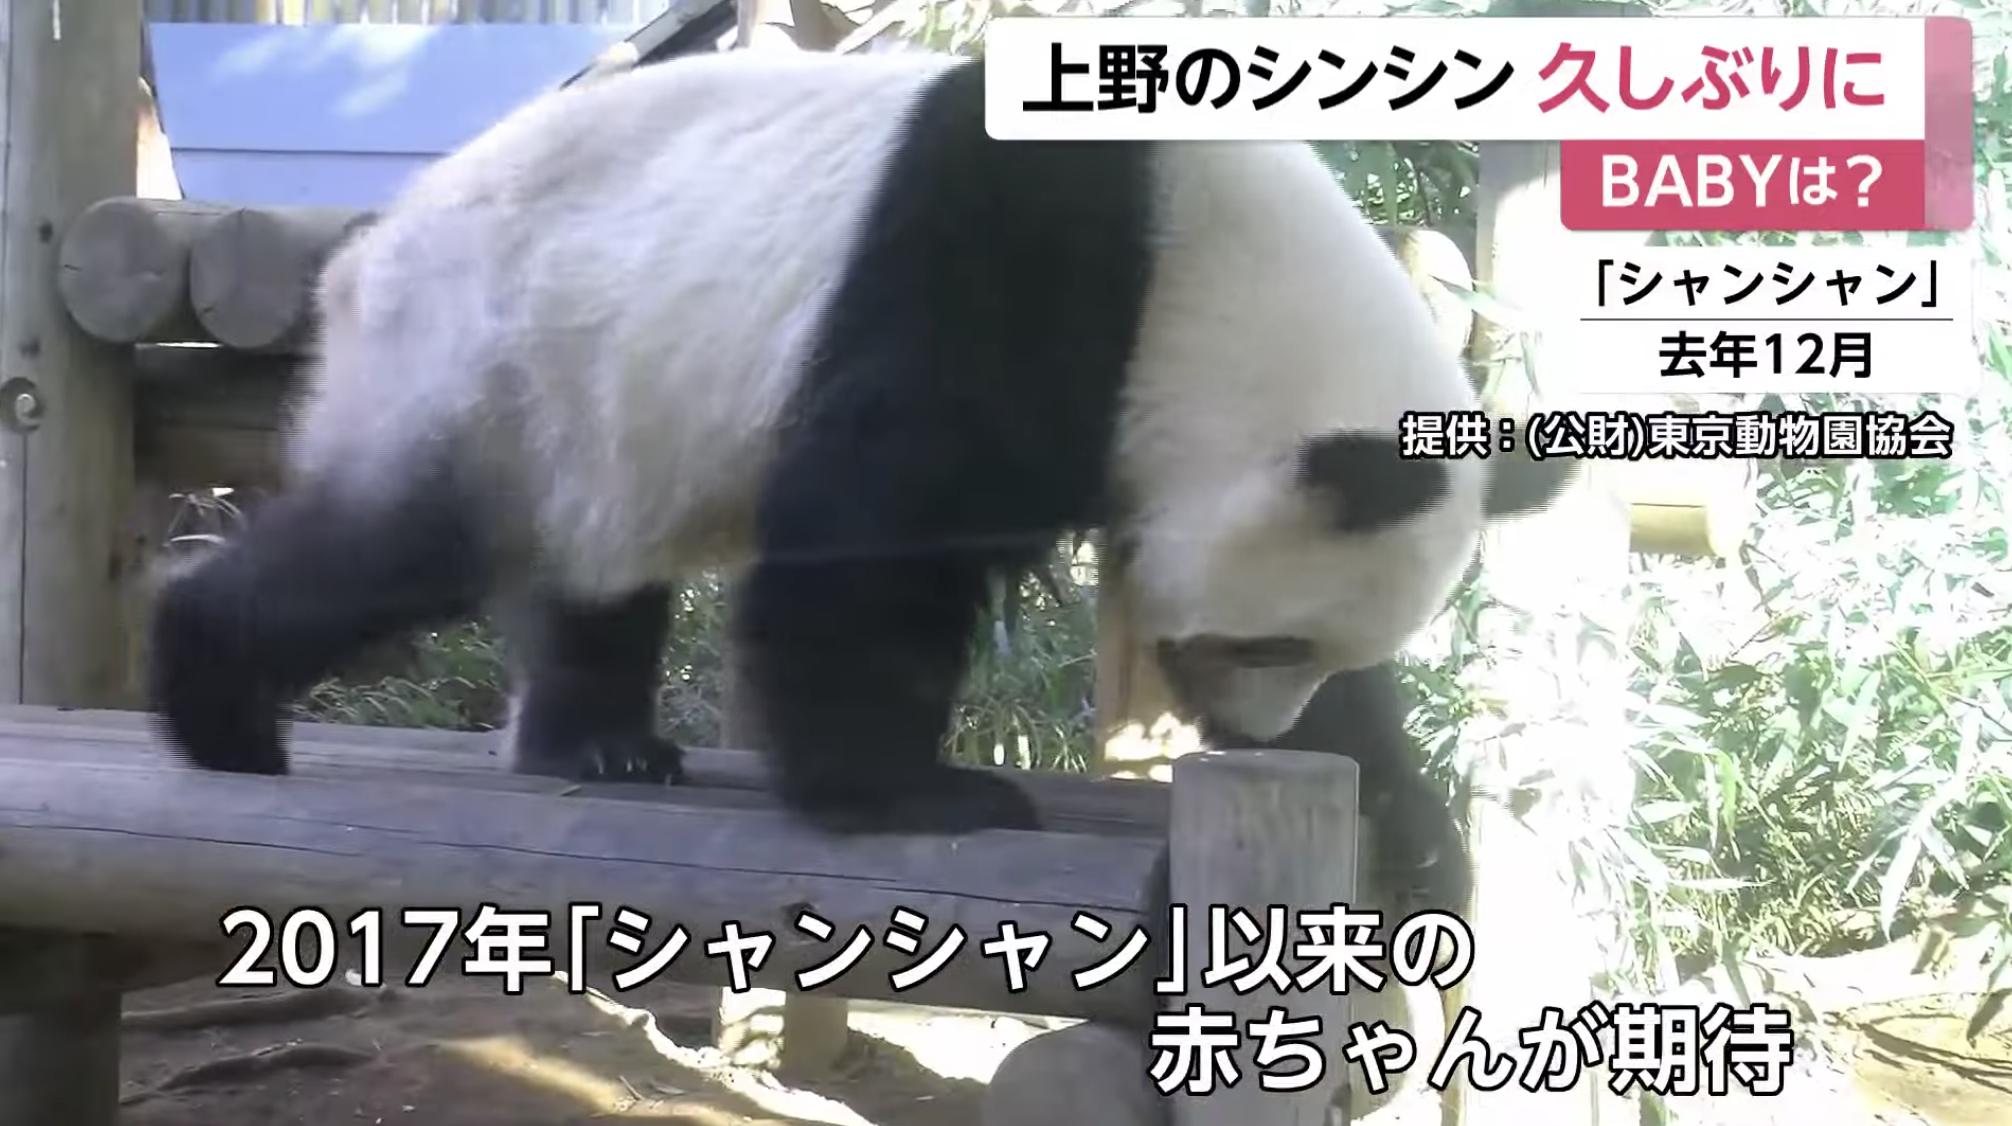 上野のパンダ、シンシンに赤ちゃん誕生の期待